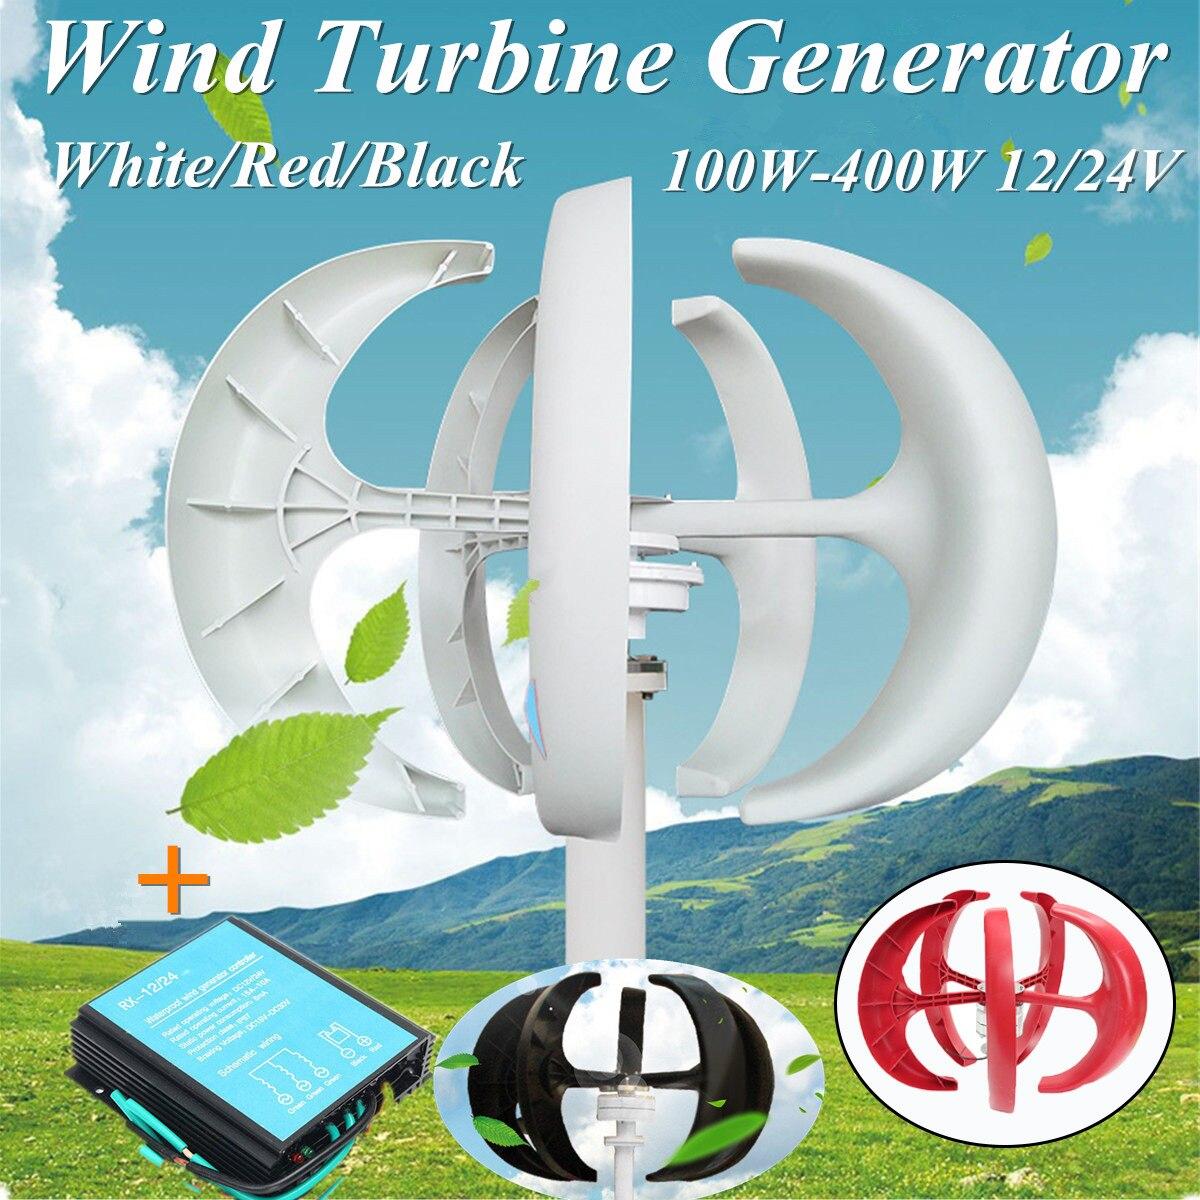 100 Вт 200 Вт 300 Вт 400 Вт Max 600 Вт ветрогенератор Фонари 12 В 24 В 5 лезвий постоянный магнит генератор турбины + 600 Вт ветер контроллер